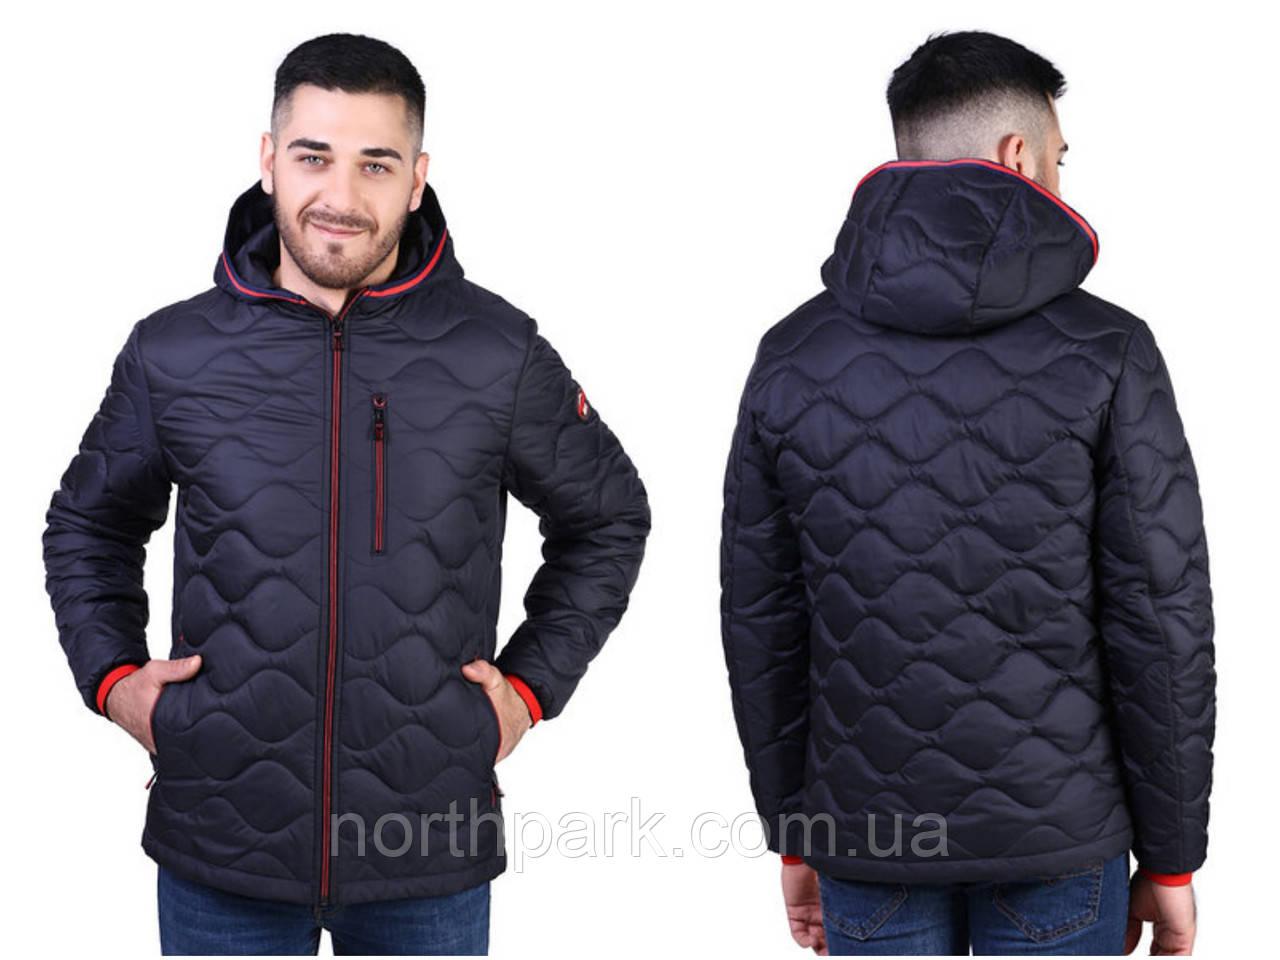 Молодіжна чоловіча демісезонна куртка Norway 050